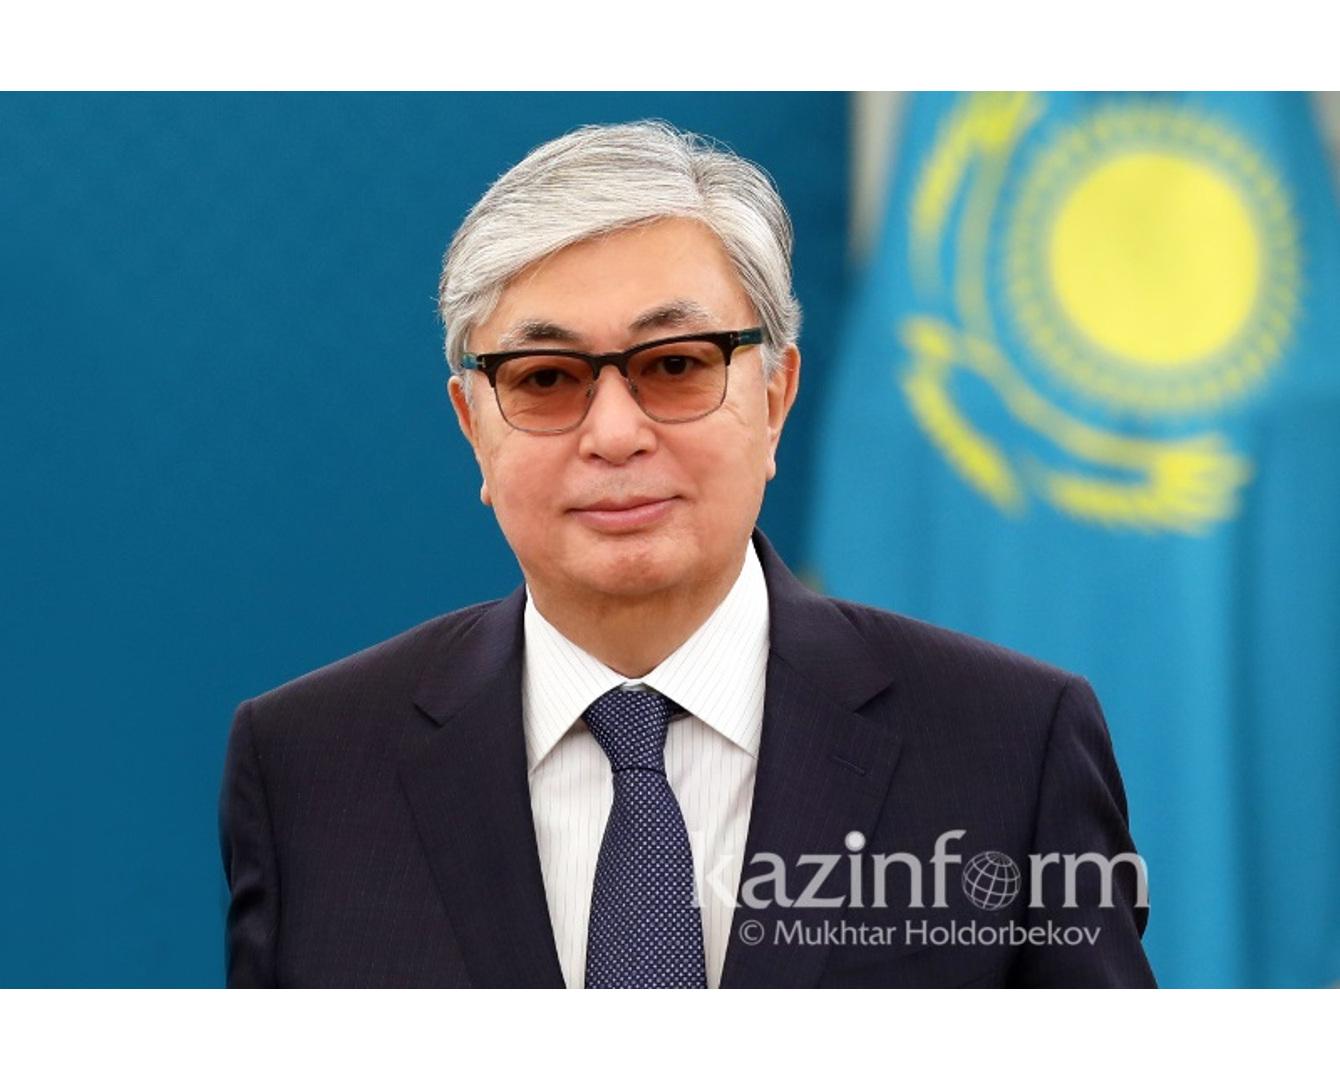 哈萨克斯坦总统开始短期休假